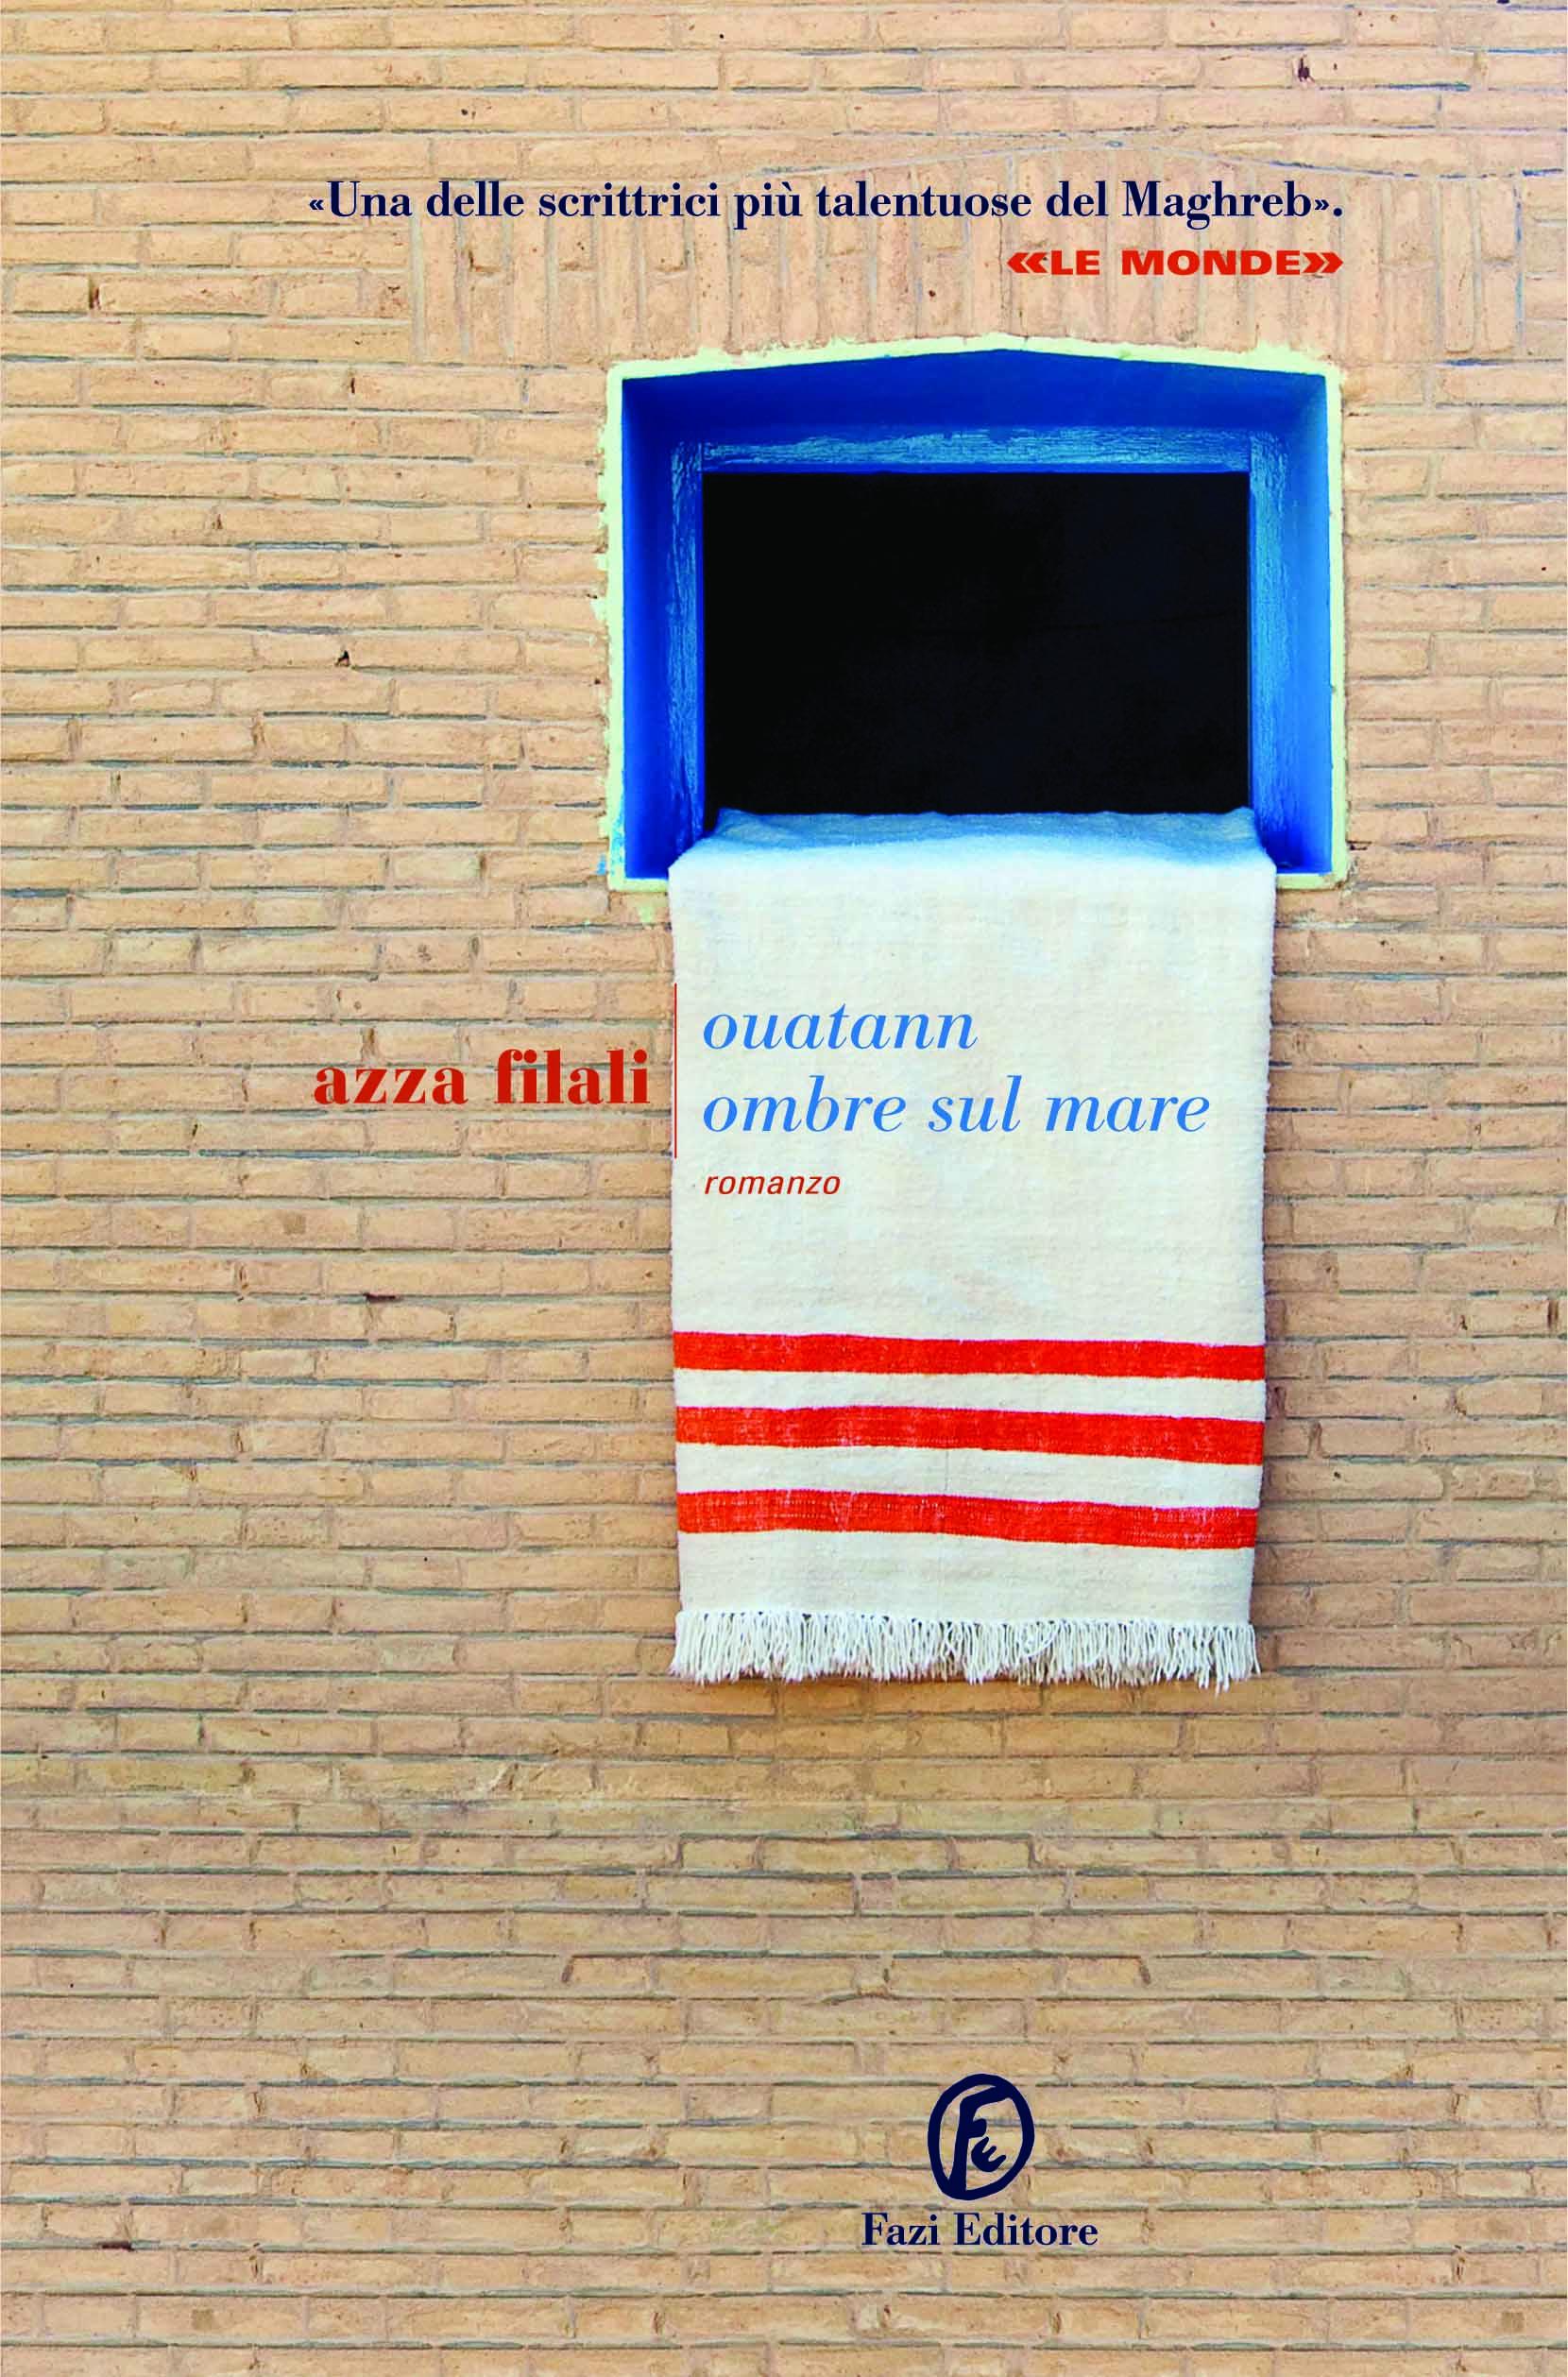 Ouatann Ombre sul mare, Azza Filali, traduzione di Maurizio Ferrara, Fazi